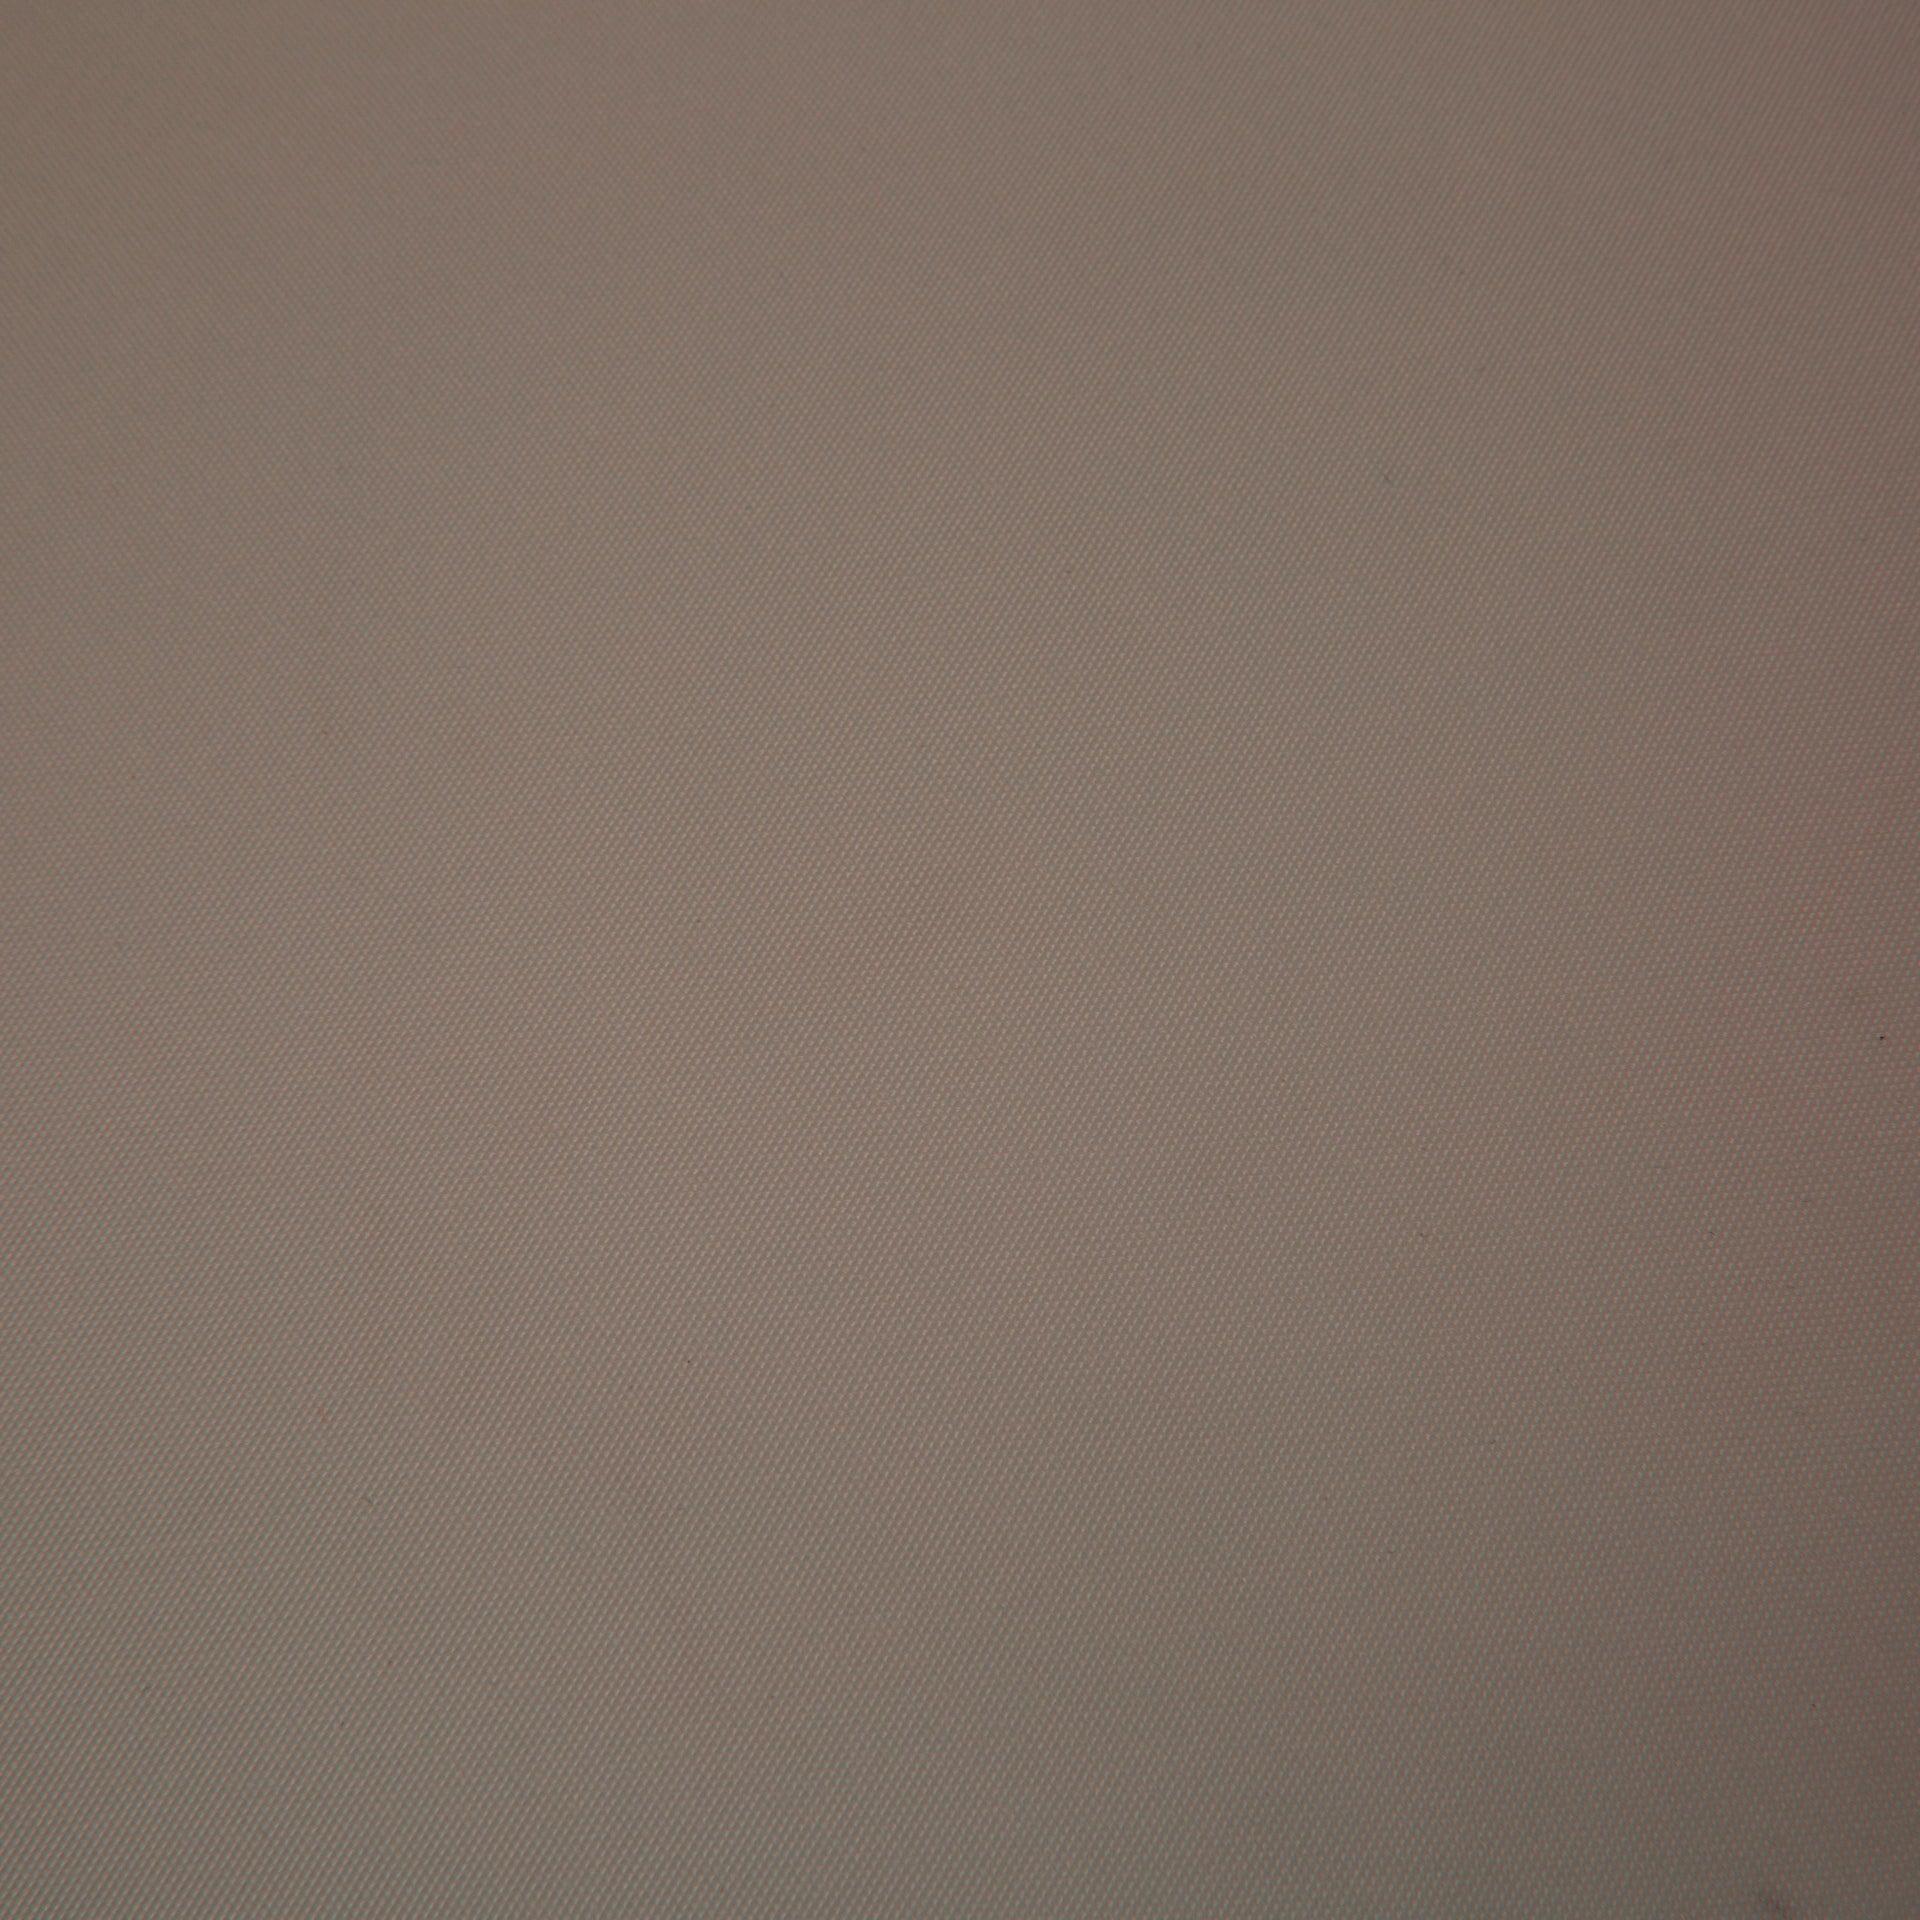 Vela ombreggiante Shade rettangolare tortora 300 x 400 cm - 5